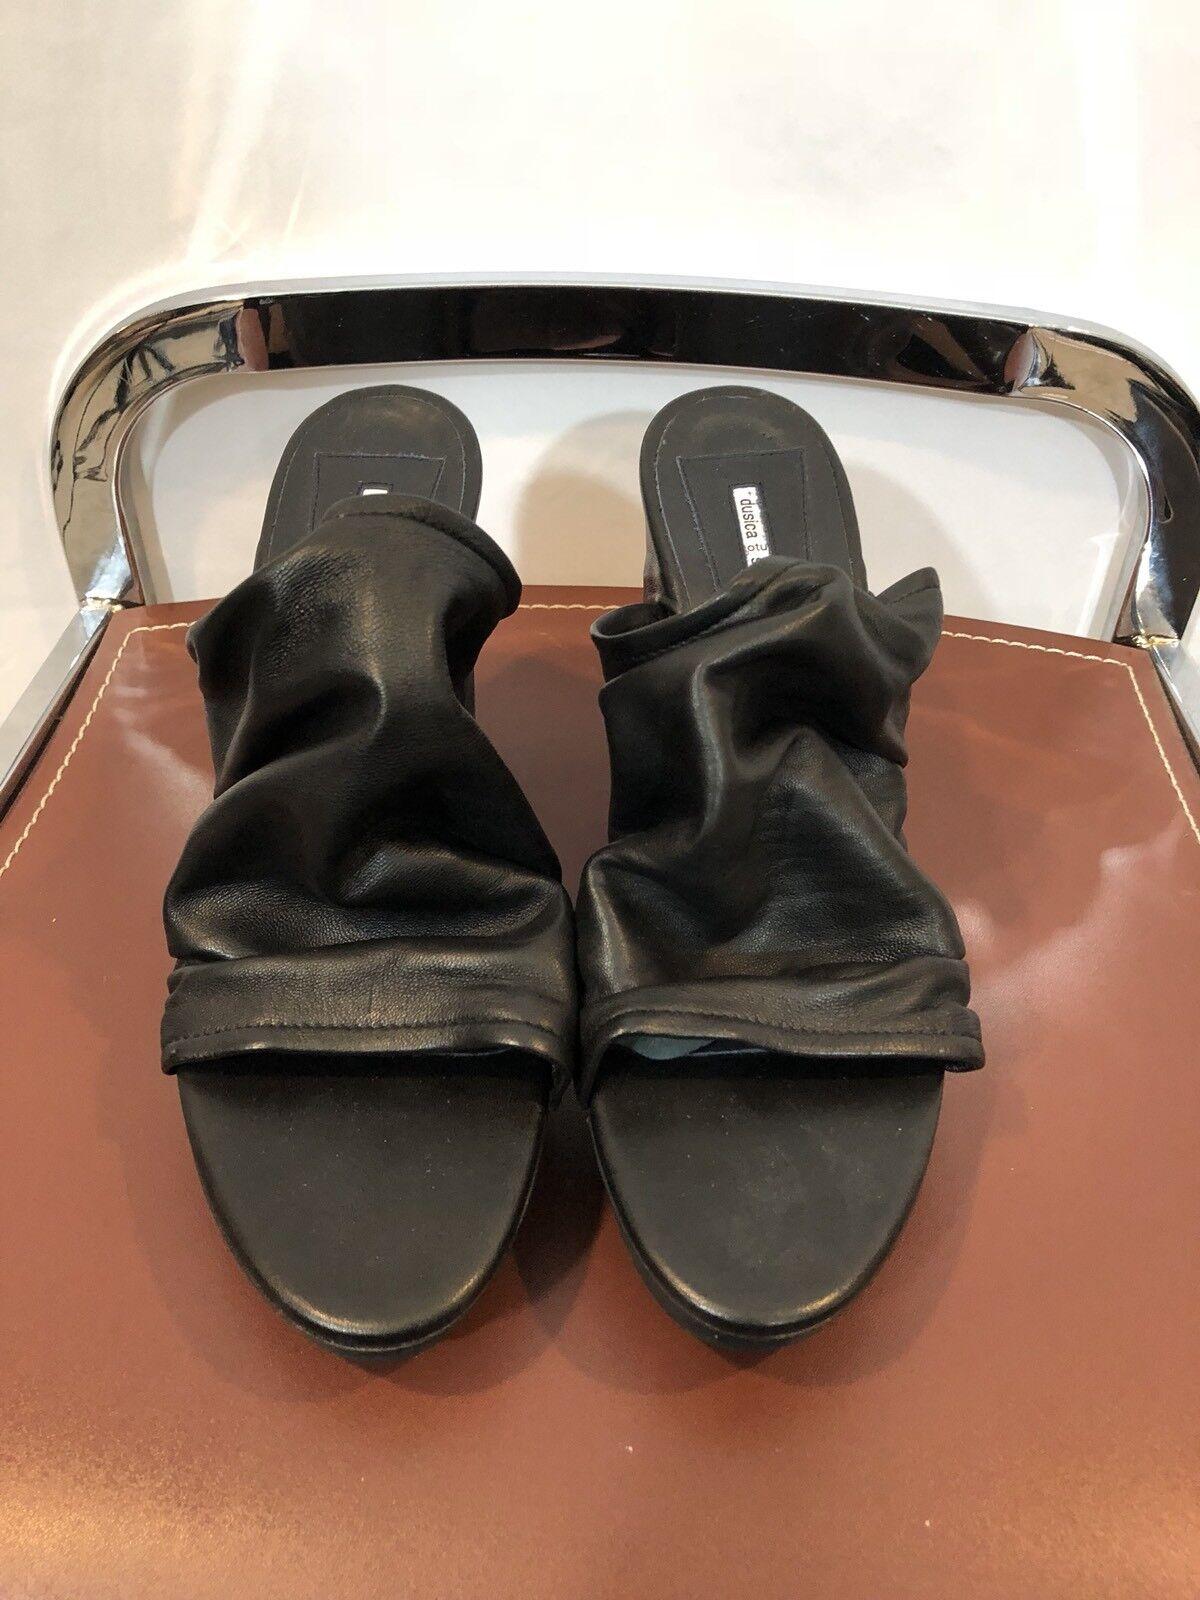 Dusica Sacks Italian Black Leather Platform Slide Heels Size 40 US 9.5